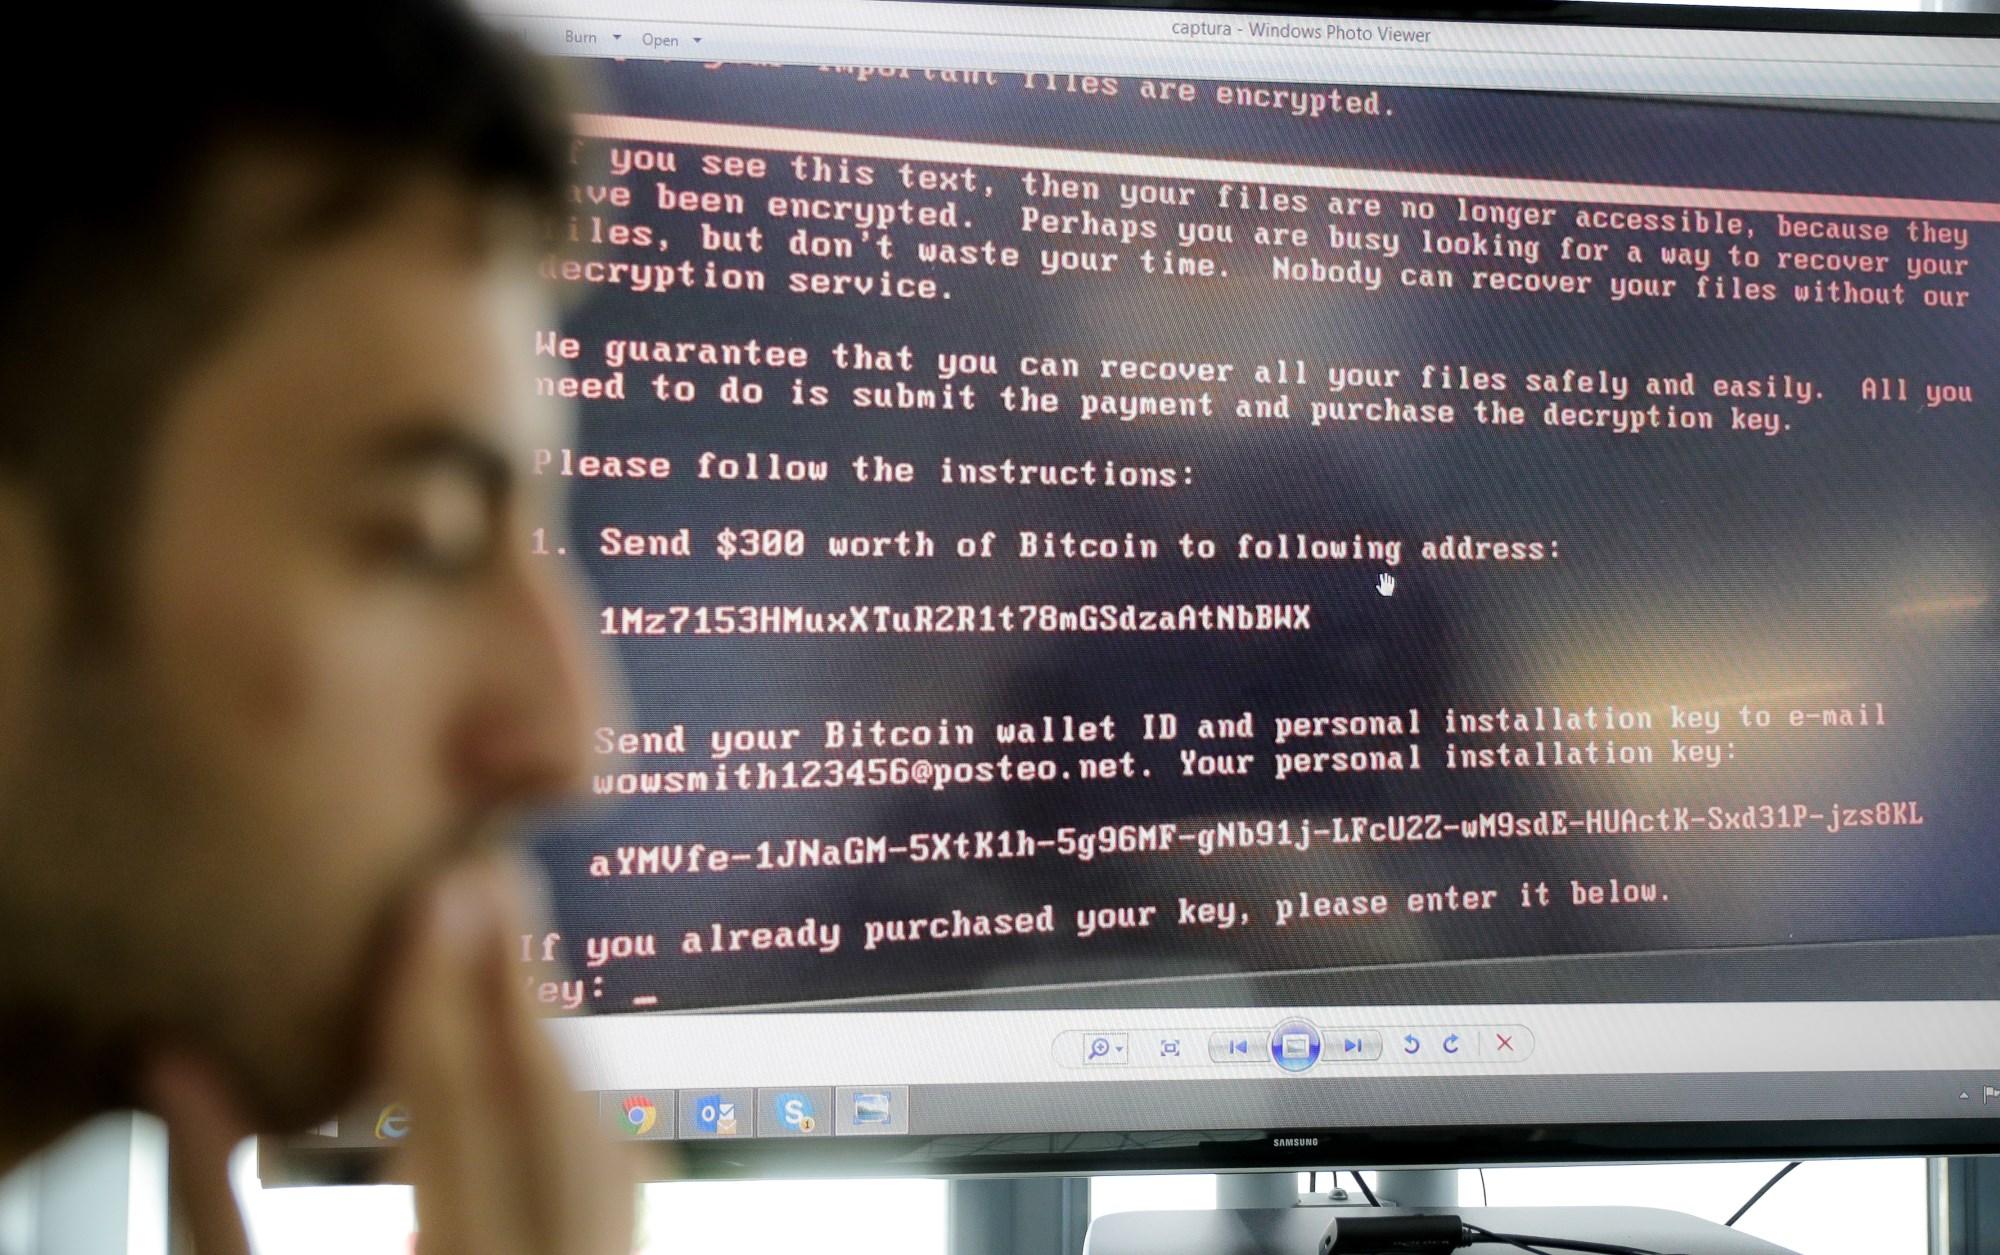 今年6月27日,全球遭受新一轮勒索病毒攻击,被袭击的设备被锁定,并被索要比特币赎金。新华社-美联 发